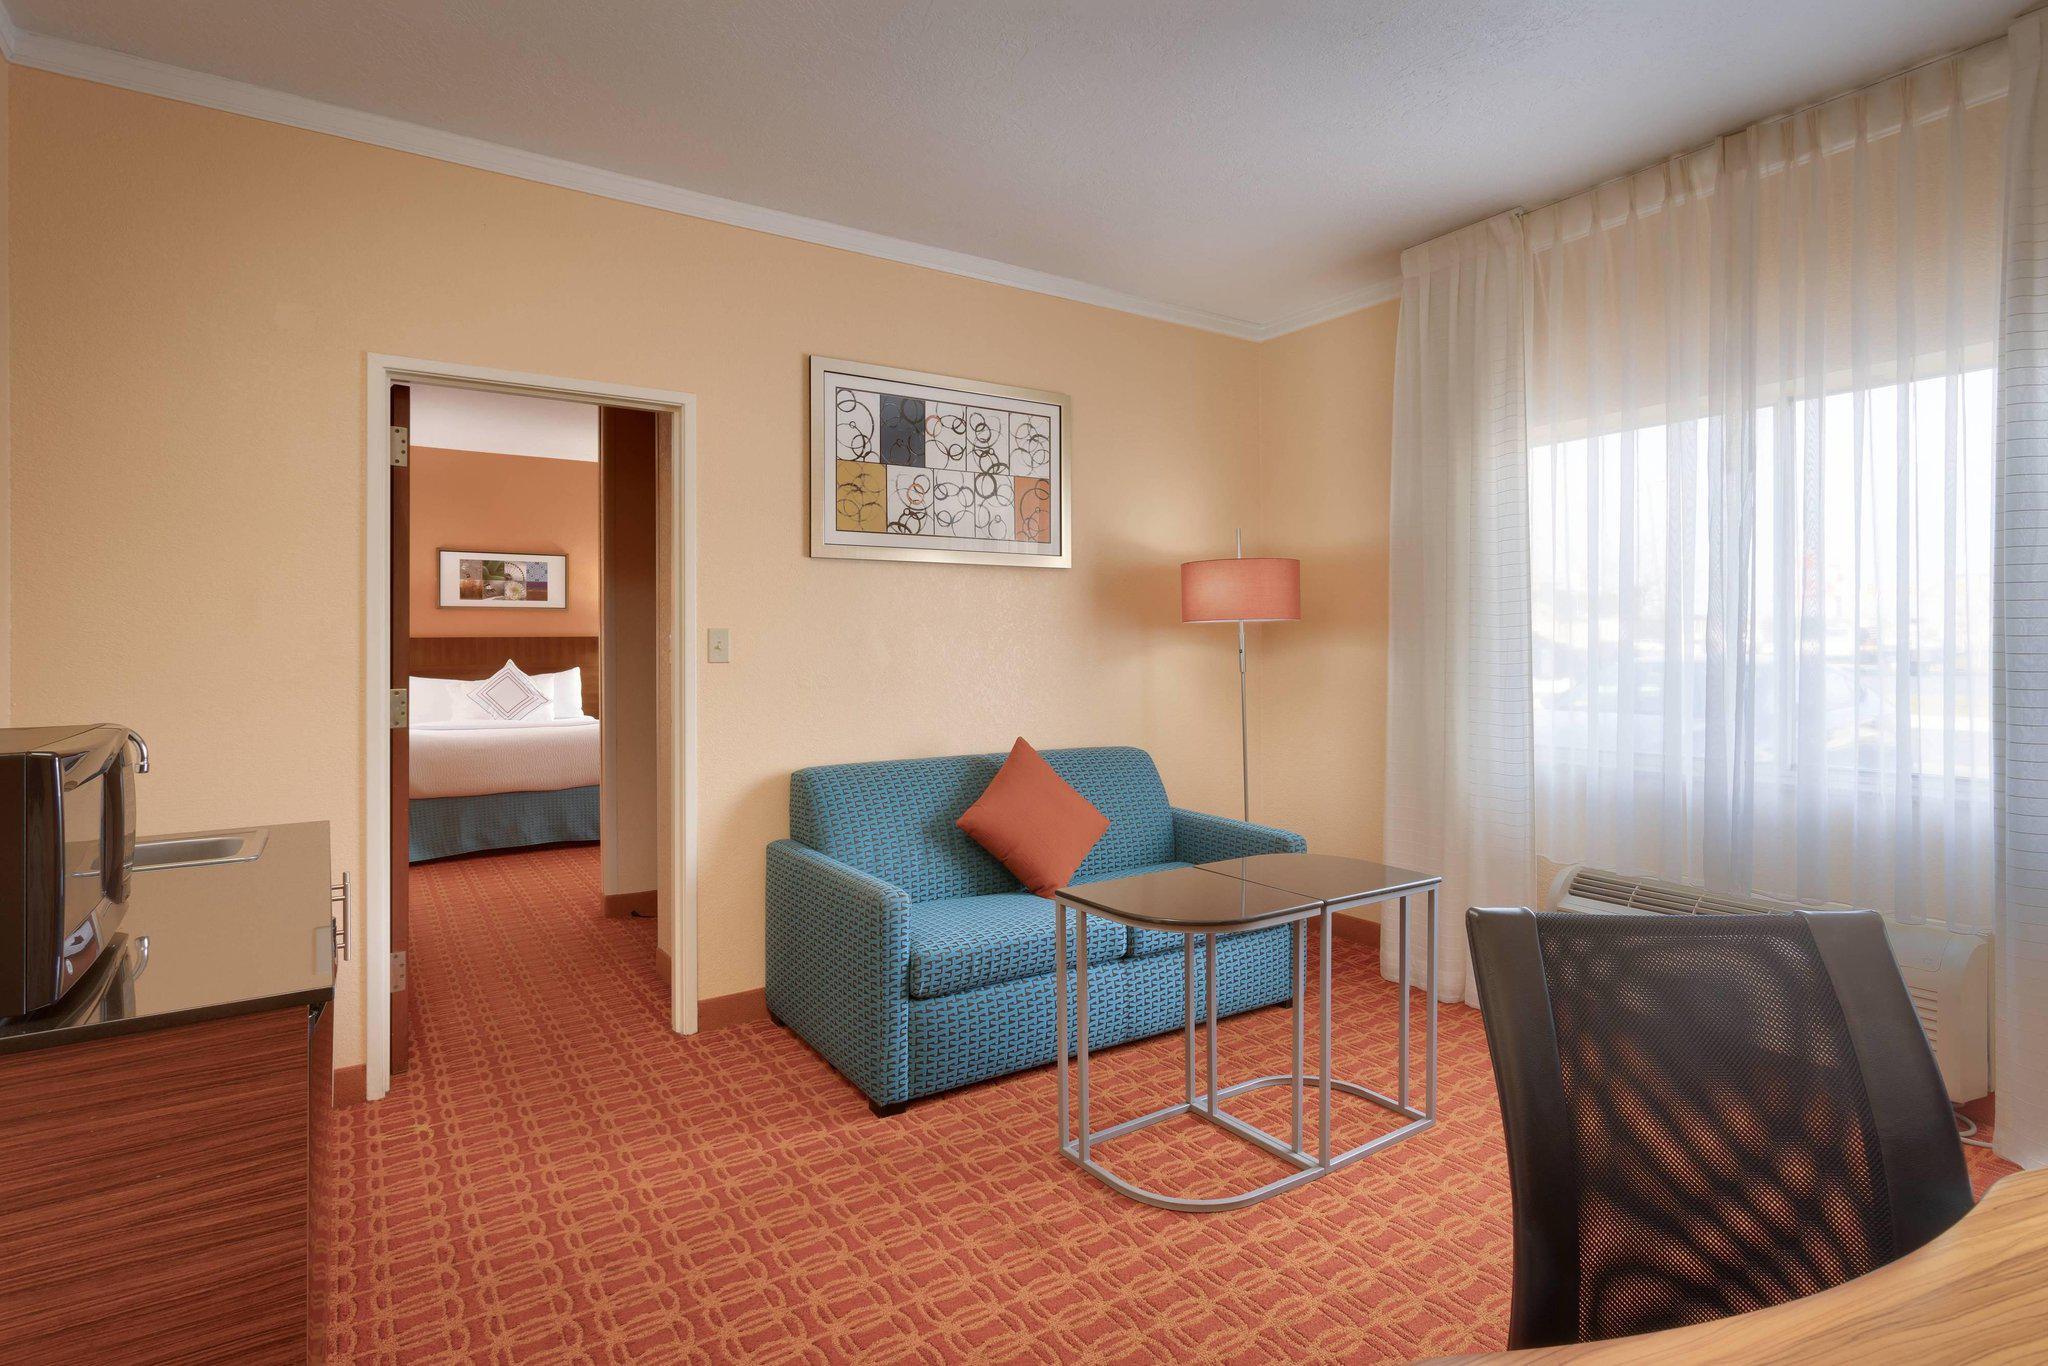 Fairfield Inn by Marriott Provo